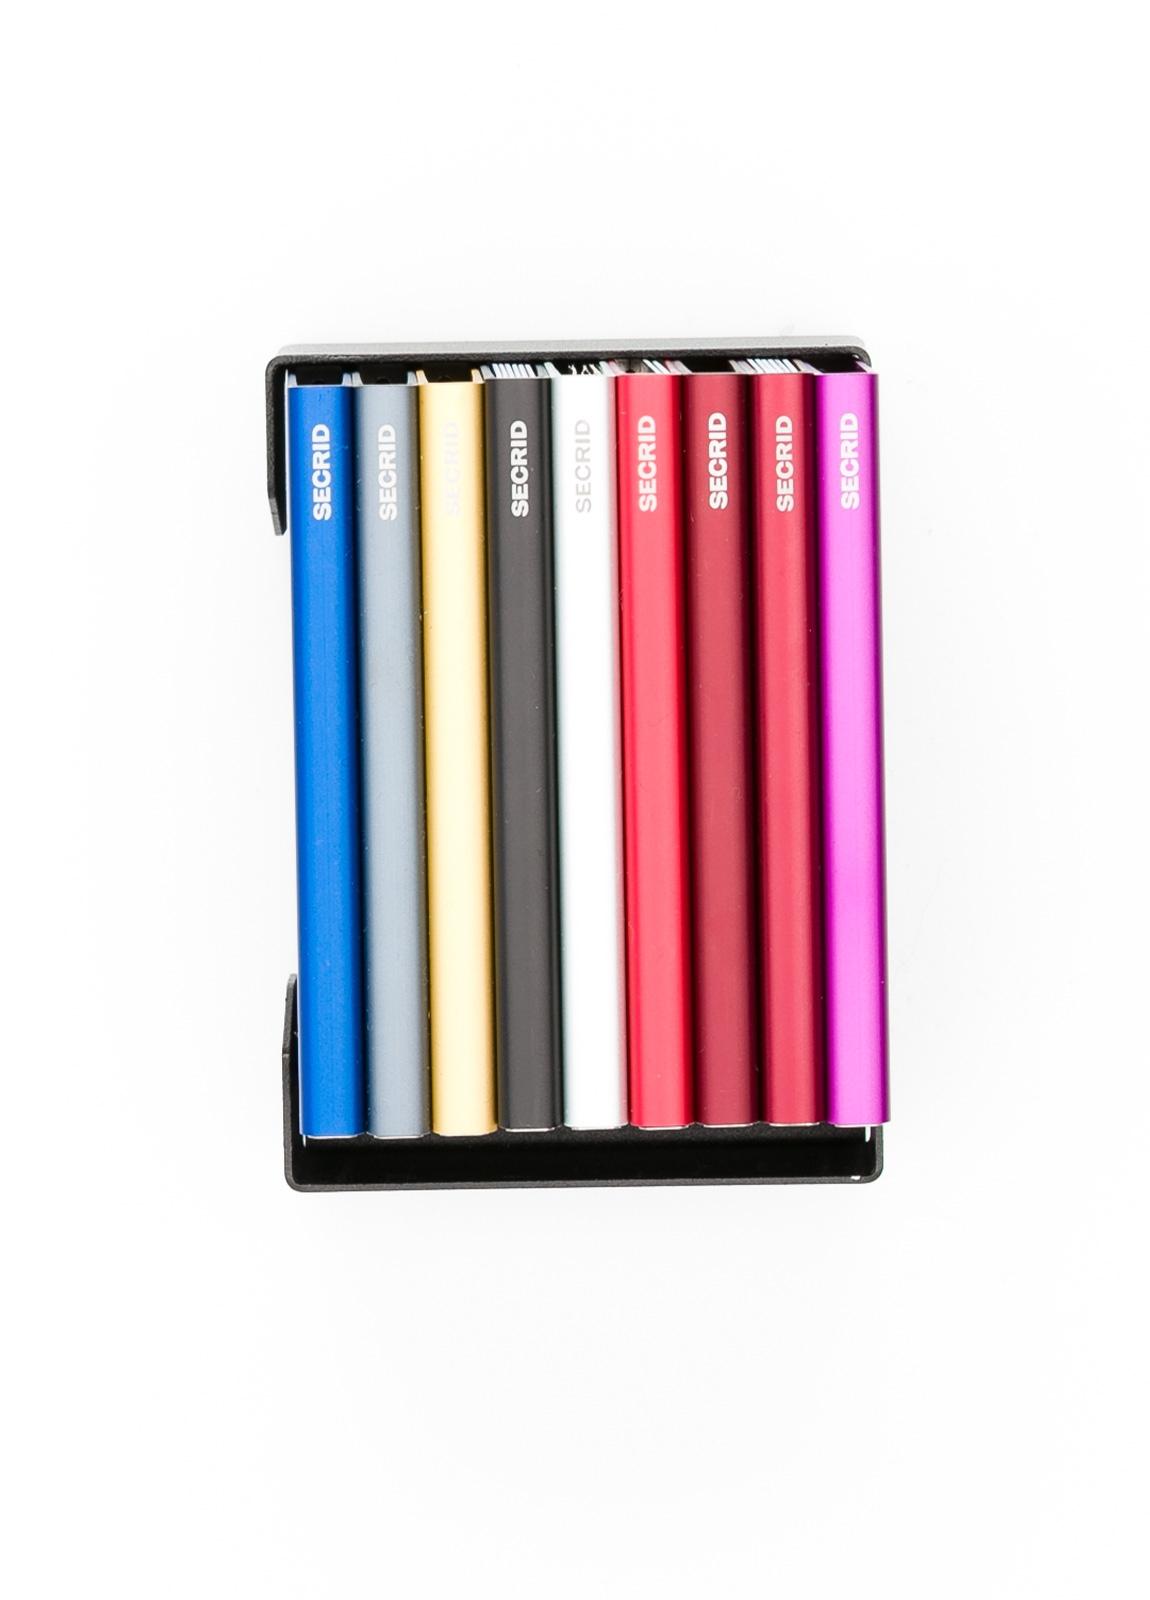 Secrid slim wallet con cardprotector de aluminio ultrafino, color negro. - Ítem1